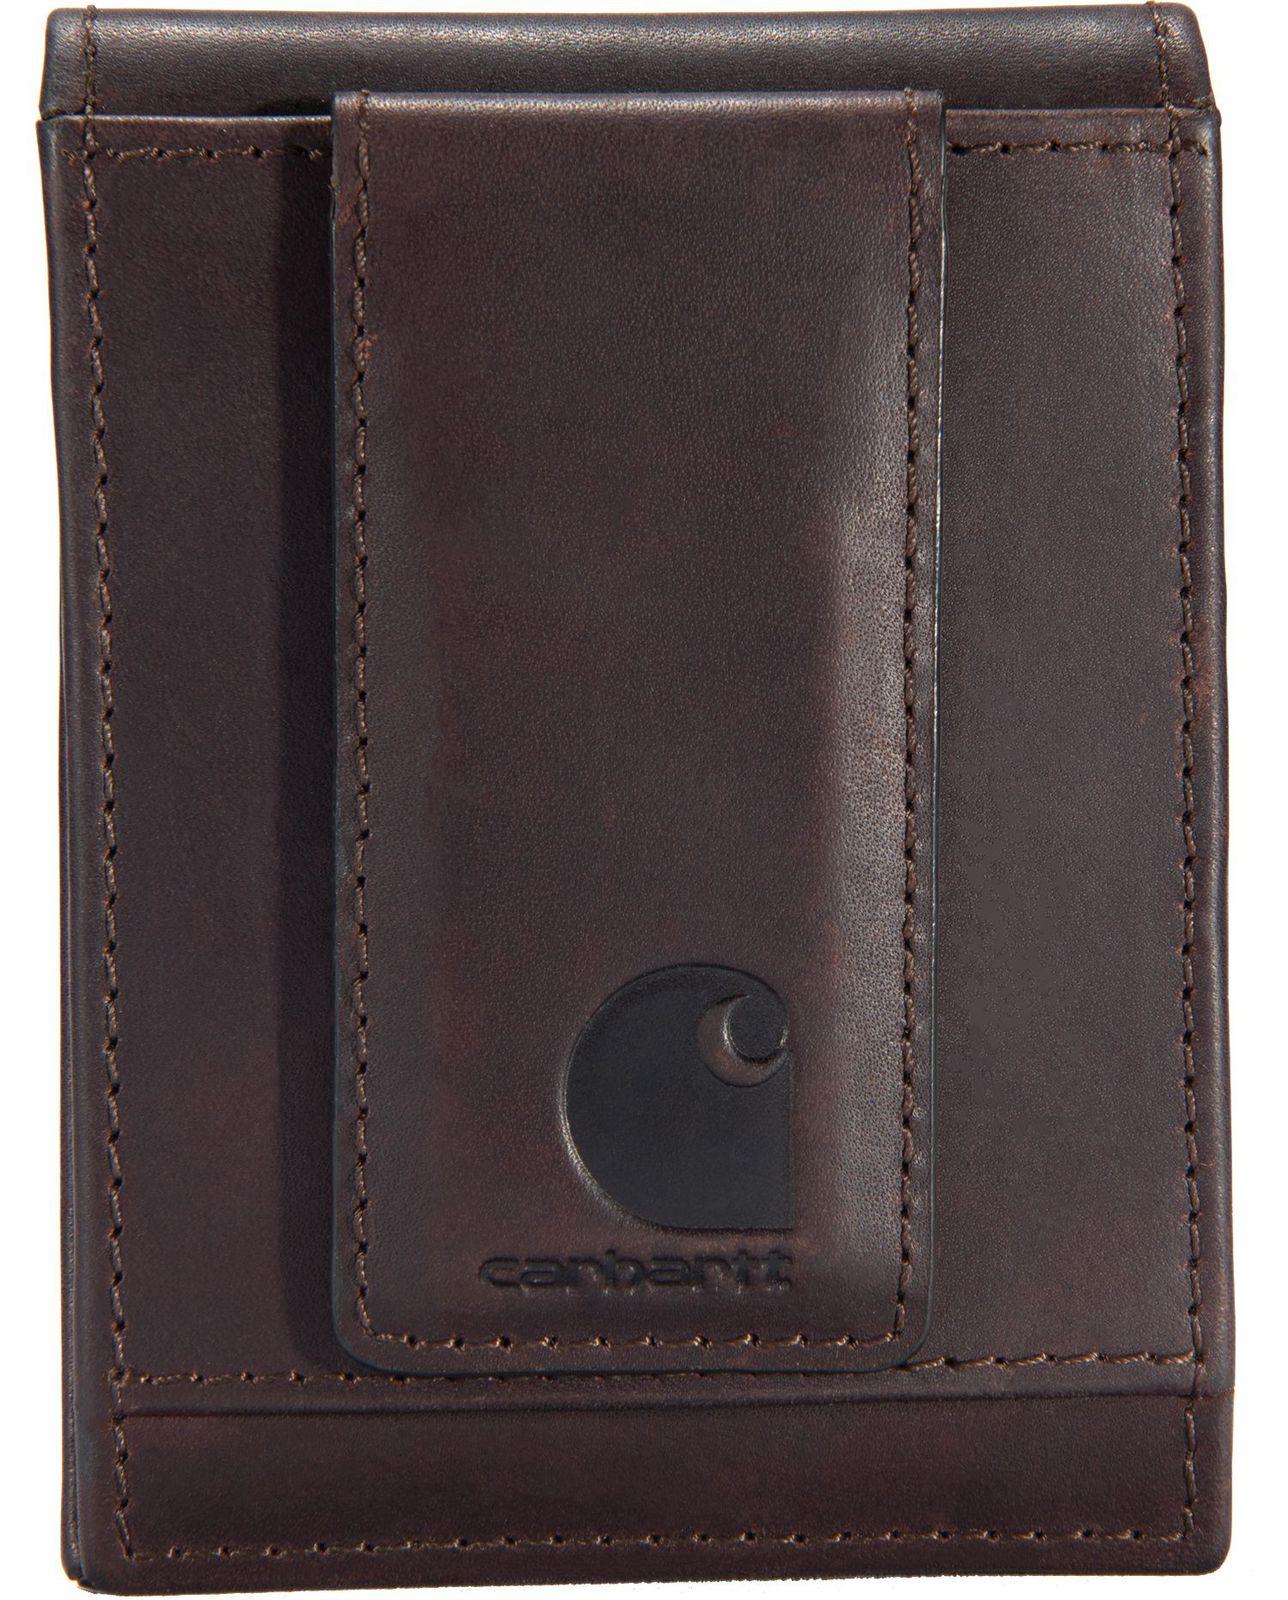 Carhartt Front Pocket Wallet